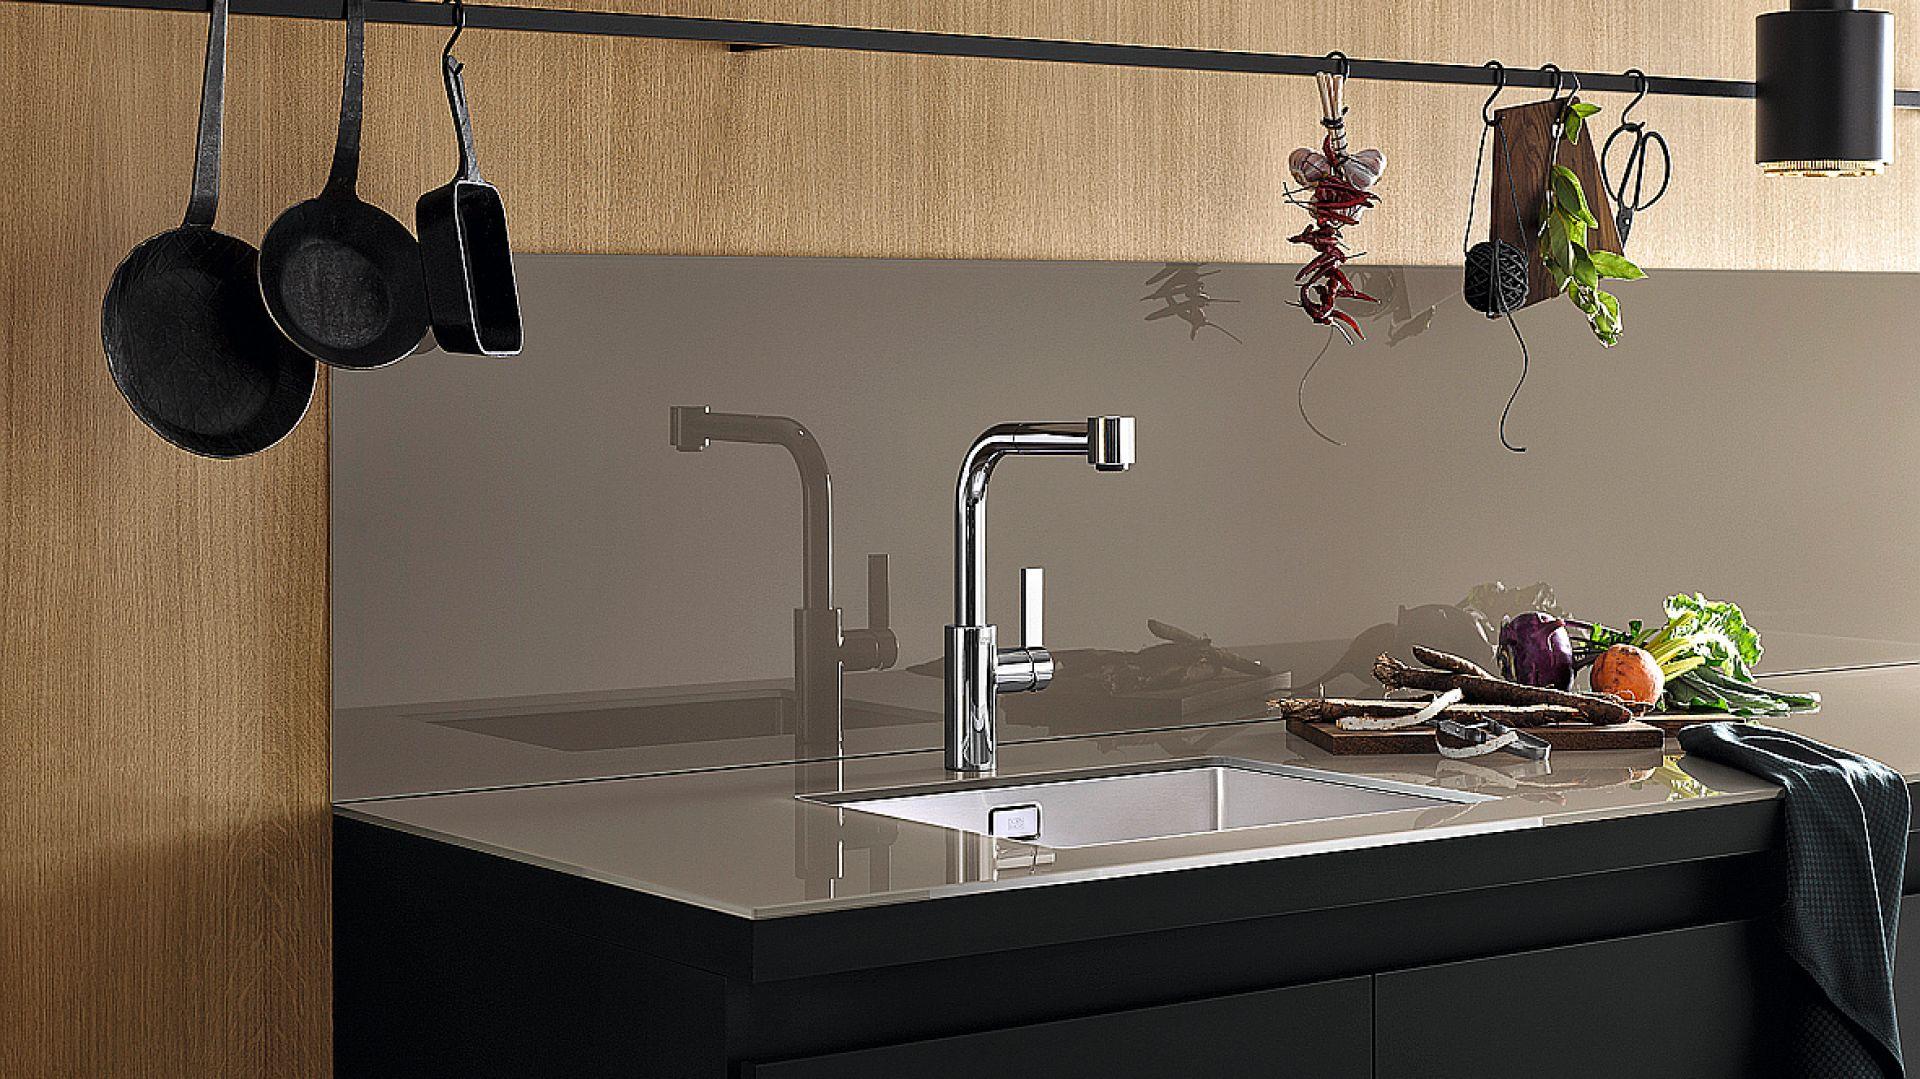 Touch Flow – zlewozmywak z polerowanej stali nierdzewnej wyróżnia się doskonałym systemem odpływowym. Innowacyjny zawór montowany jest bezpośrednio w przelewie i obsługiwany przez dotknięcie płytki przelewowej. Fot. Dornbracht